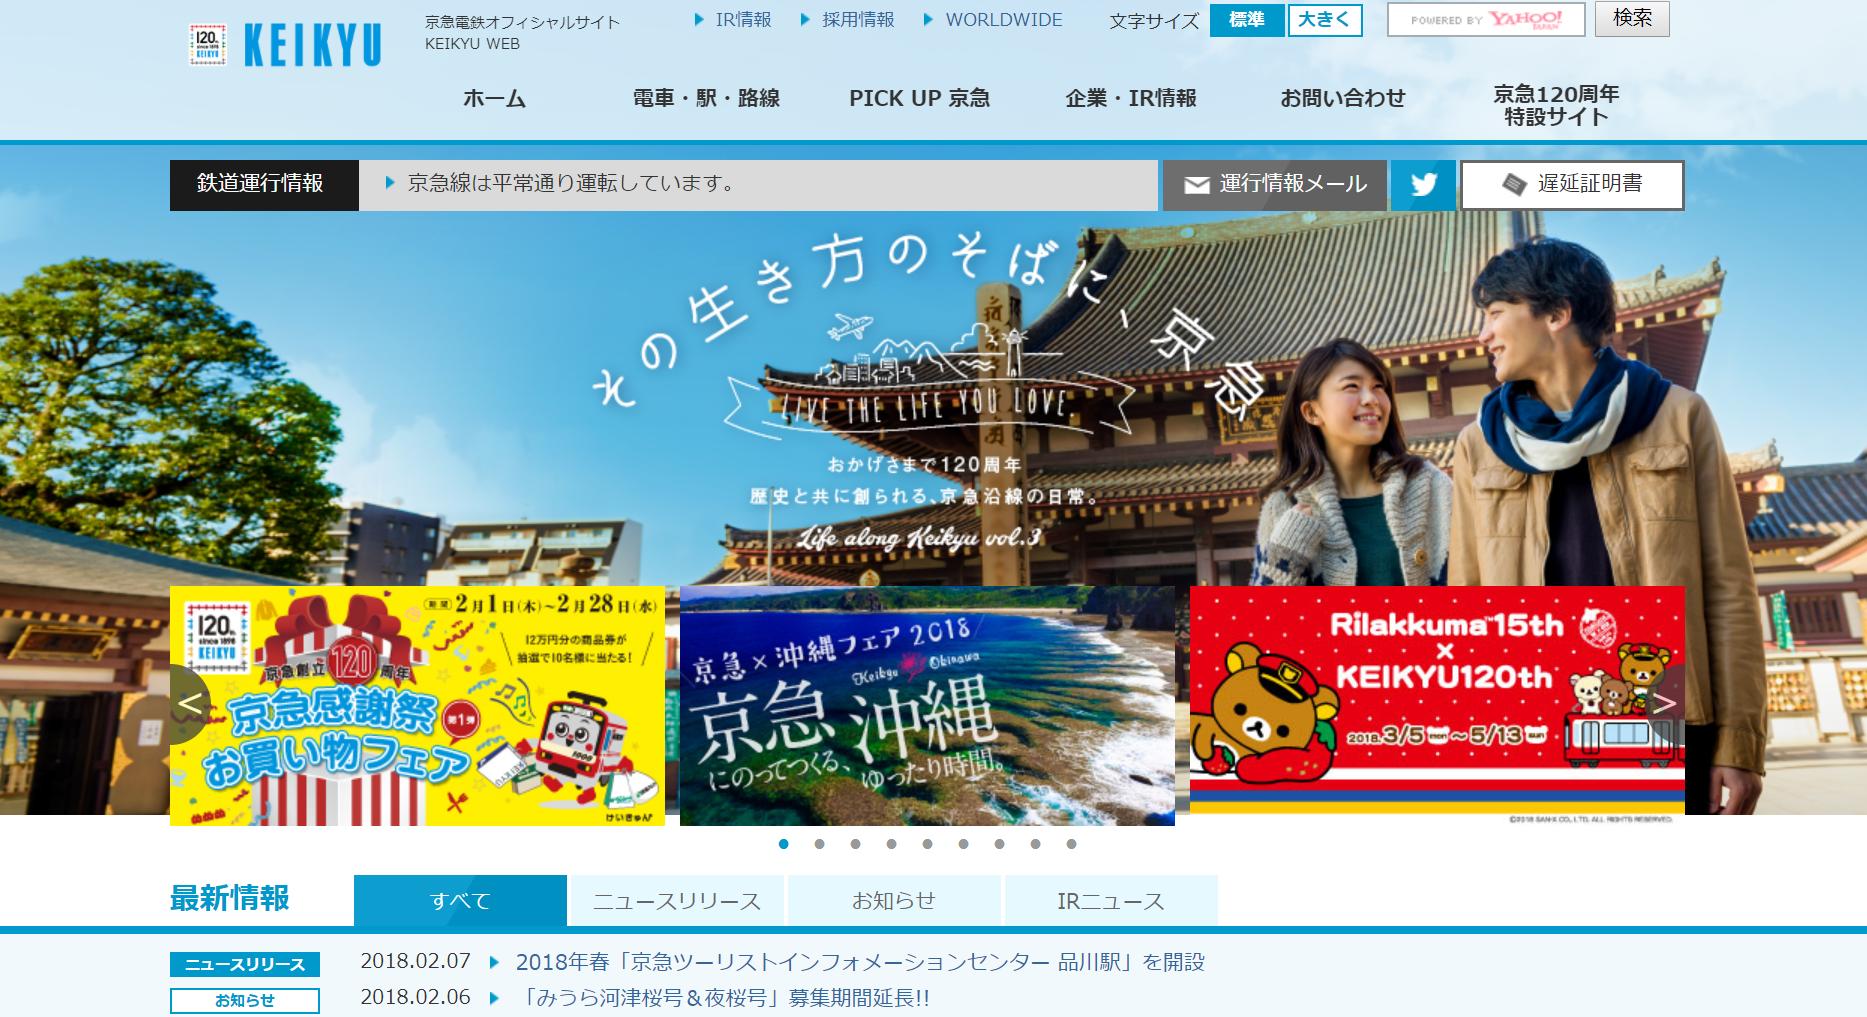 妻から見た京浜急行電鉄の評判・口コミは?